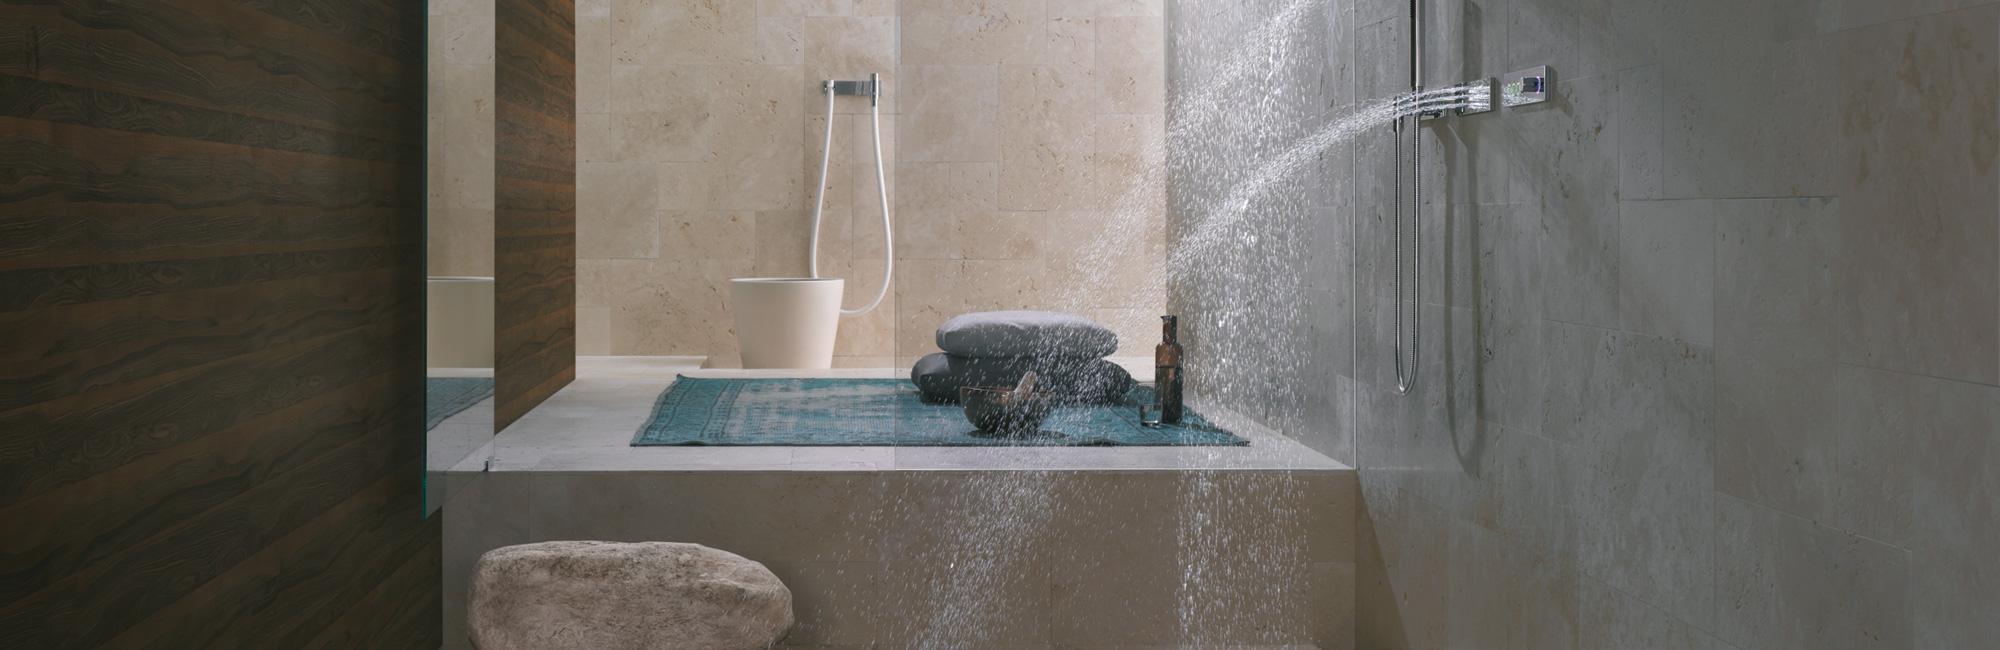 carrelage et salle de bains suresnes paris casa calvi